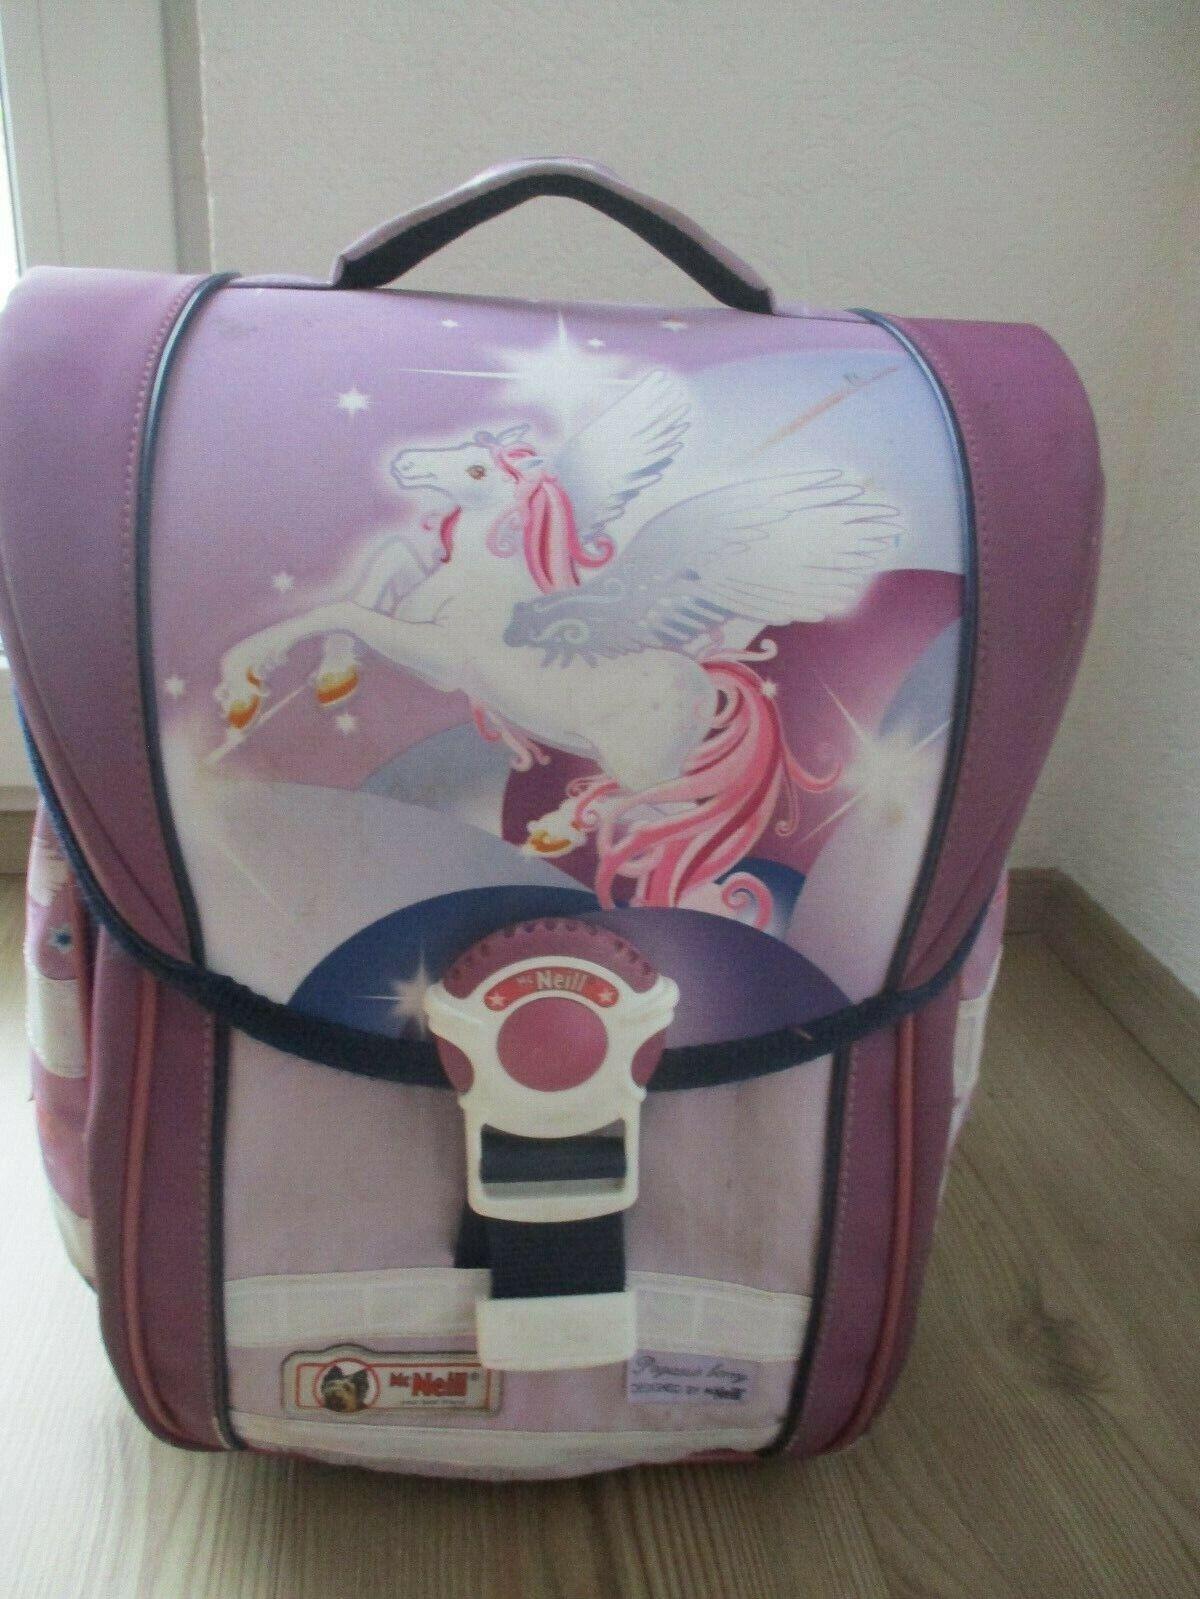 Schulranzen flieder mit Pegasus Pferd von Mc Neil